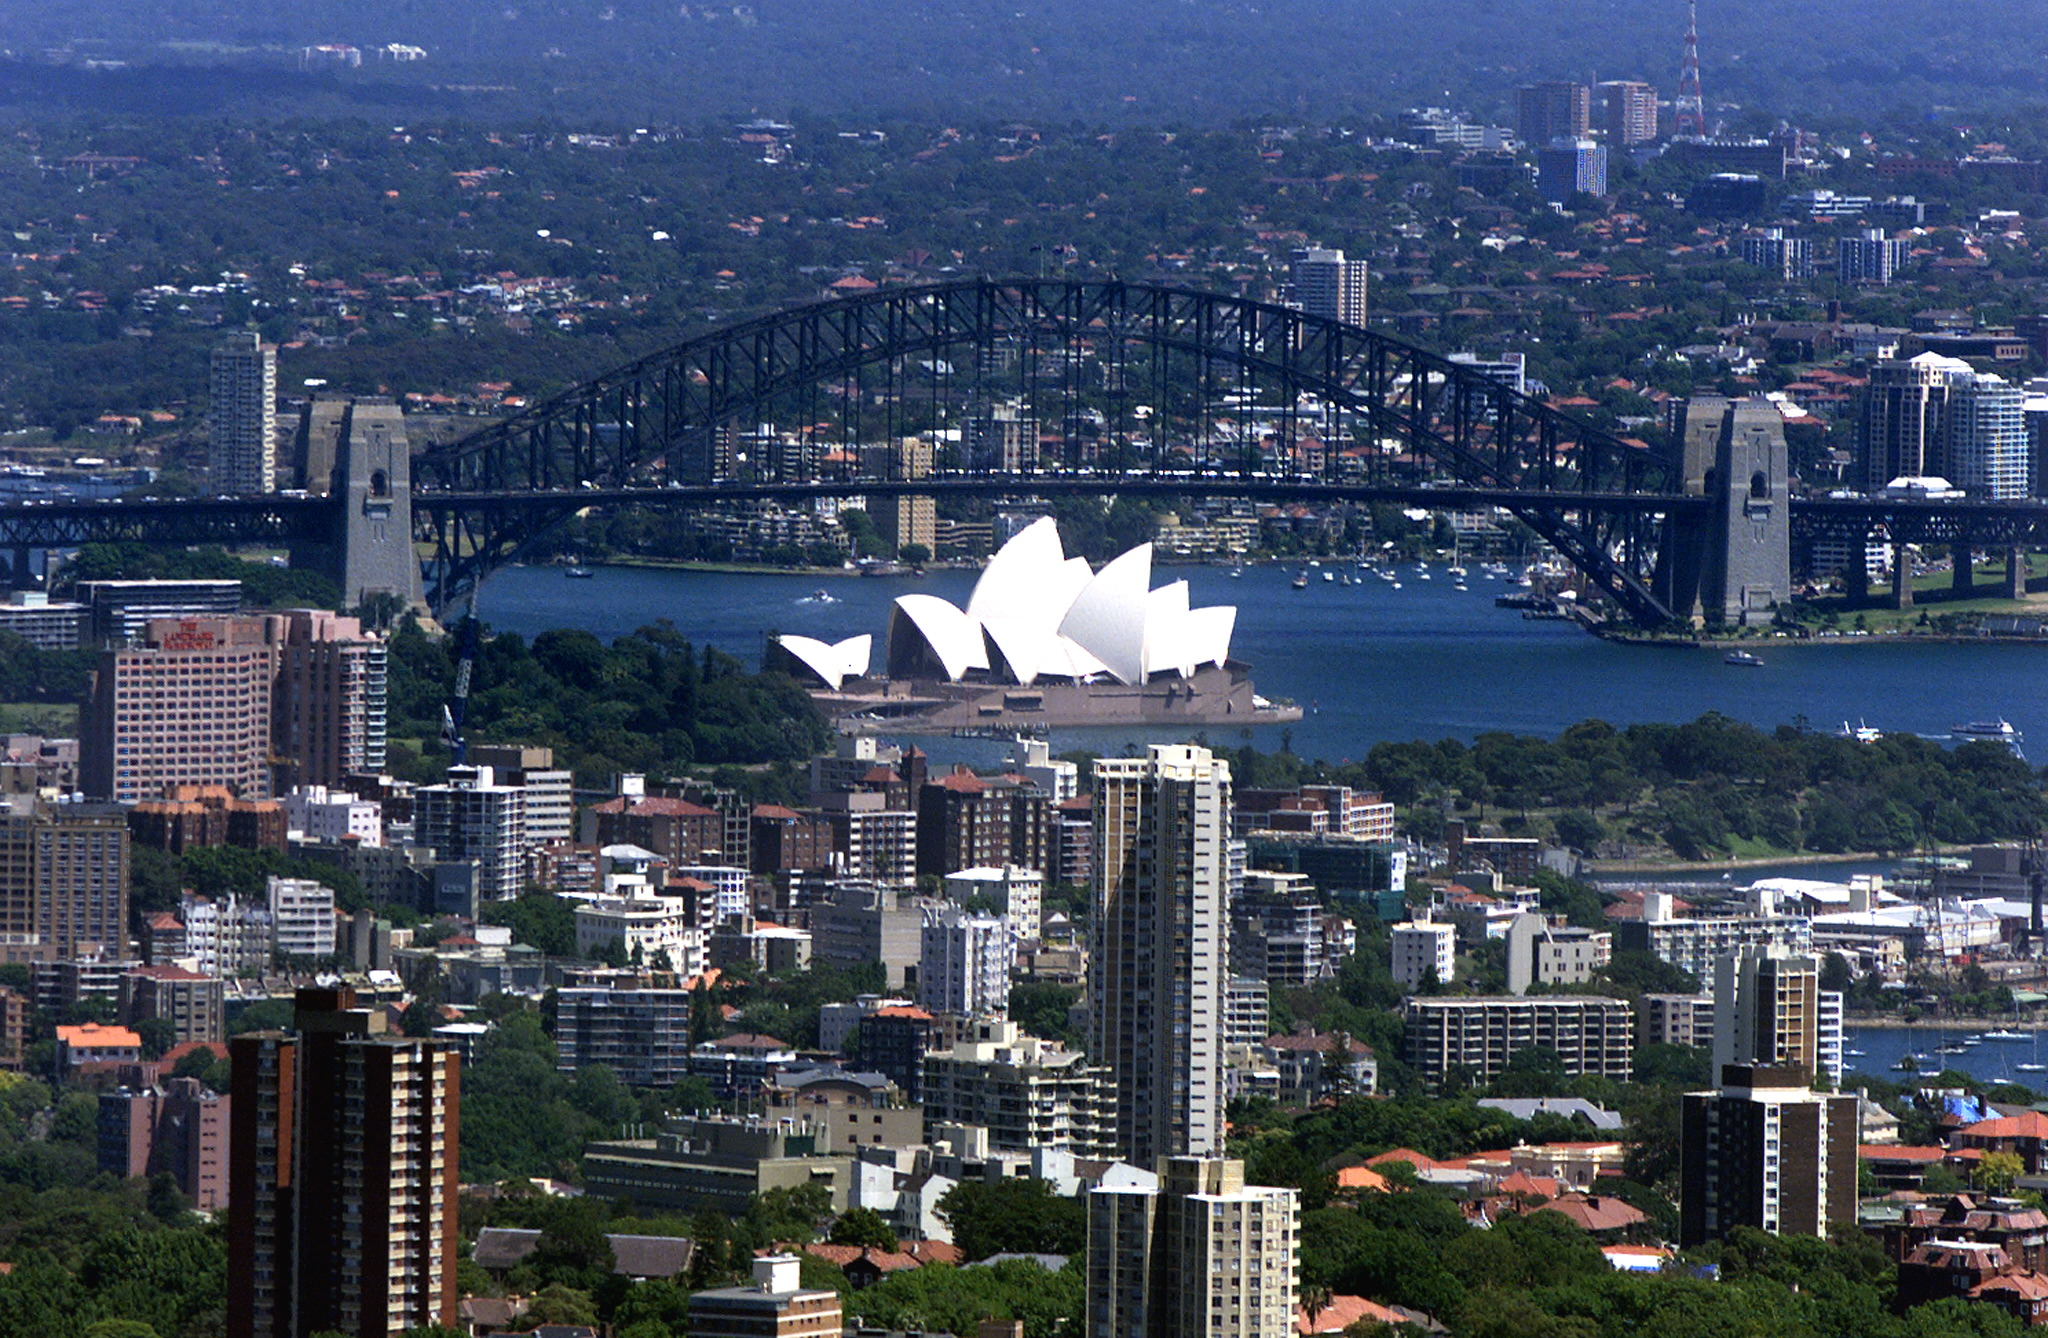 澳媒11月20日披露,中共國家安全部門牽頭違反中澳兩國去年達成的互不盜竊商業秘密的協議,指示中方黑客大幅加強對澳洲公司的網絡攻擊,「持續而顯著地」竊取澳洲知識產權。(TORSTEN BLACKWOOD/AFP/Getty Images)